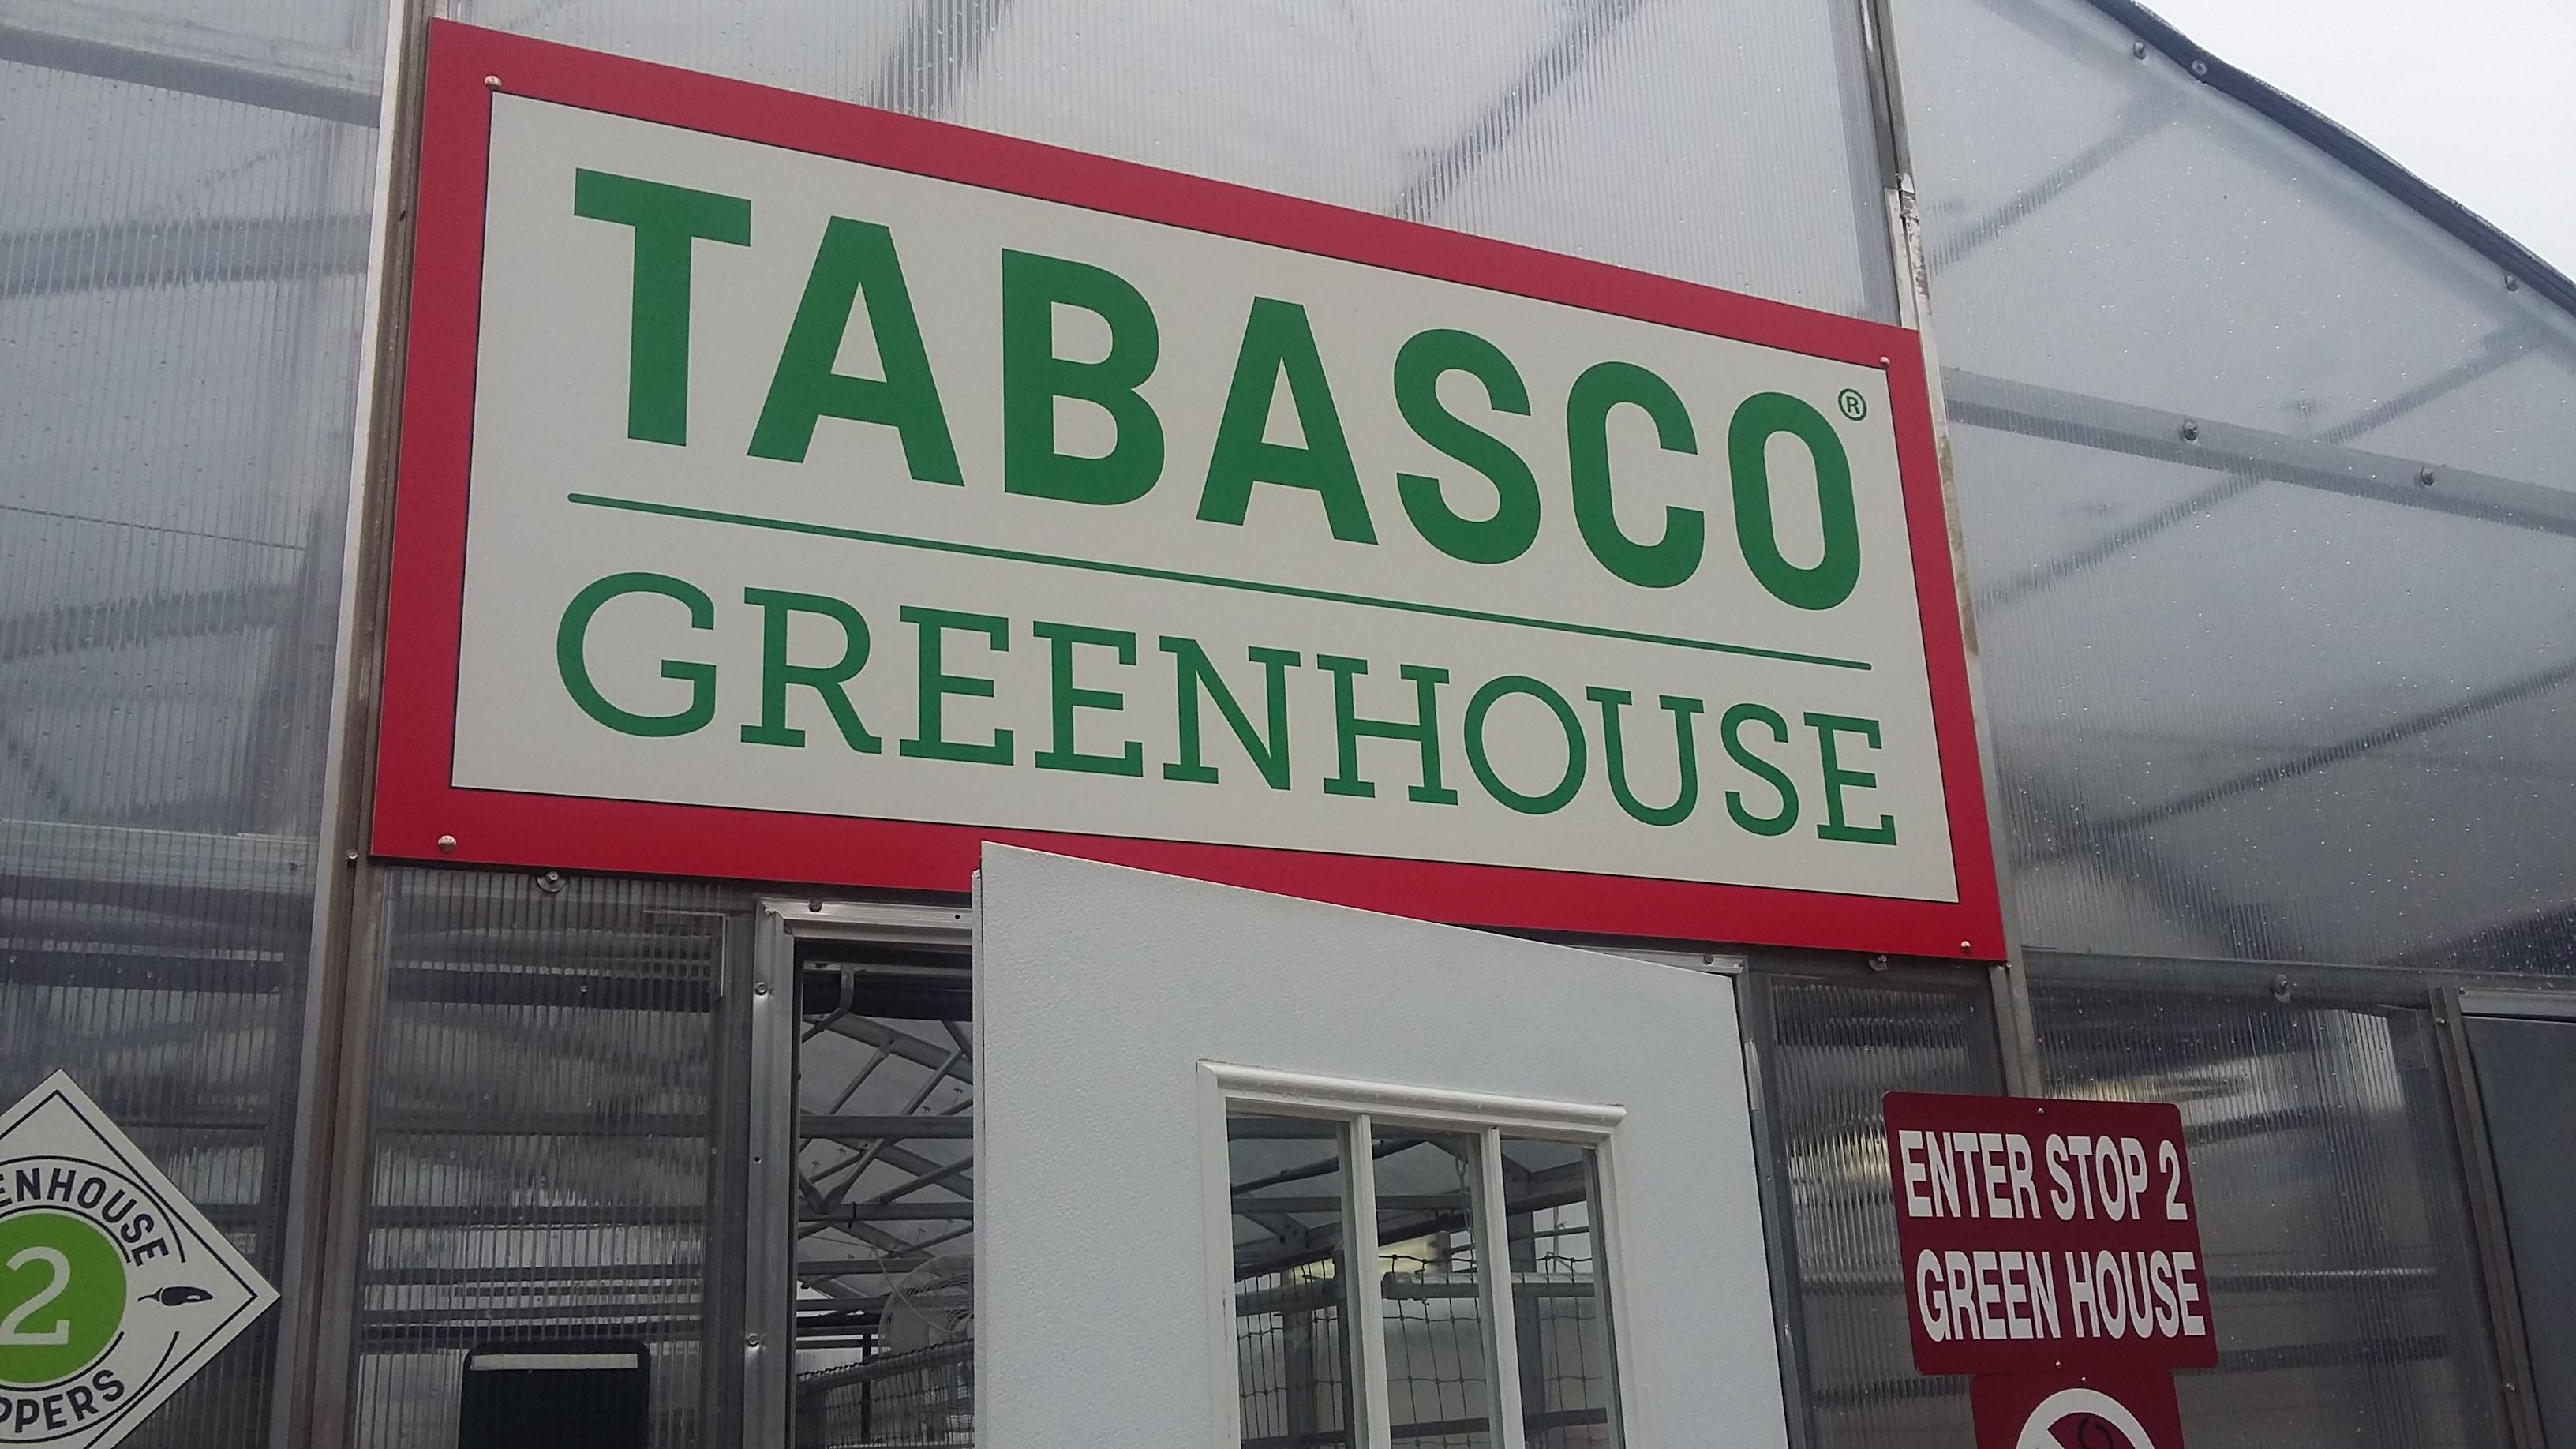 Tabasco green house on the new tabasco tour